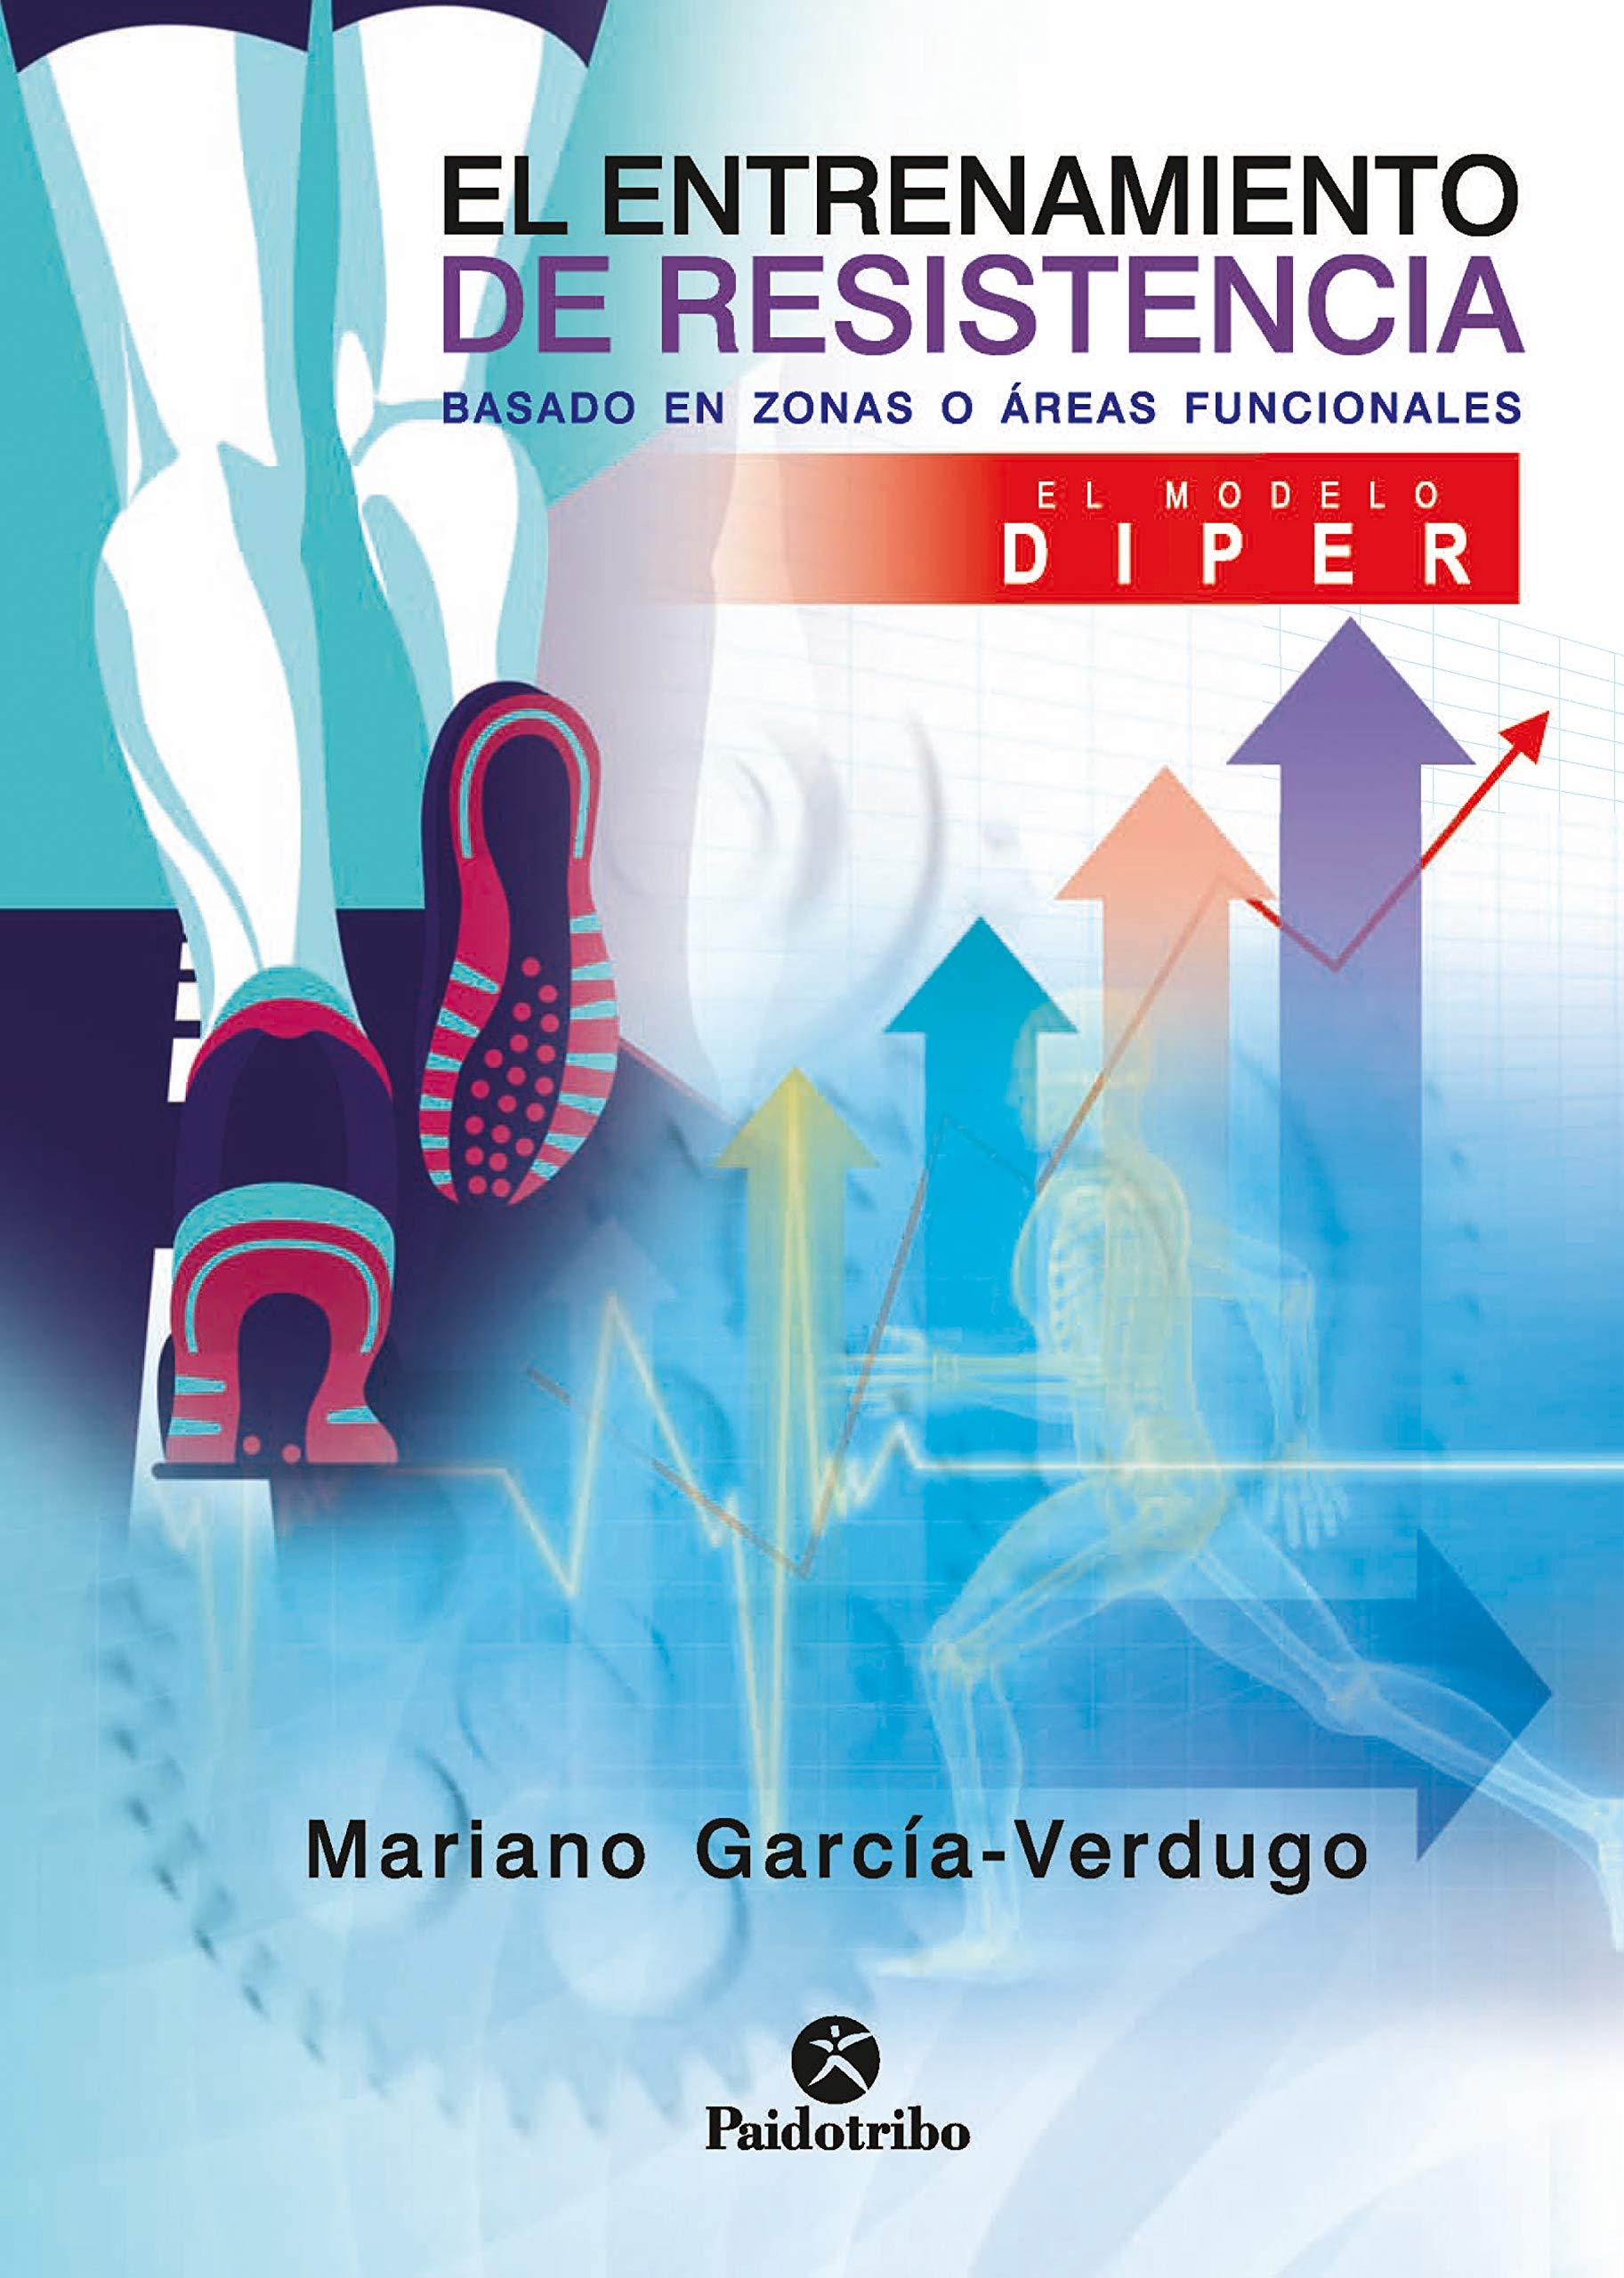 El entrenamiento de resistencia basado en zonas o áreas funcionales: El Diper (Entrenamiento Deportivo)